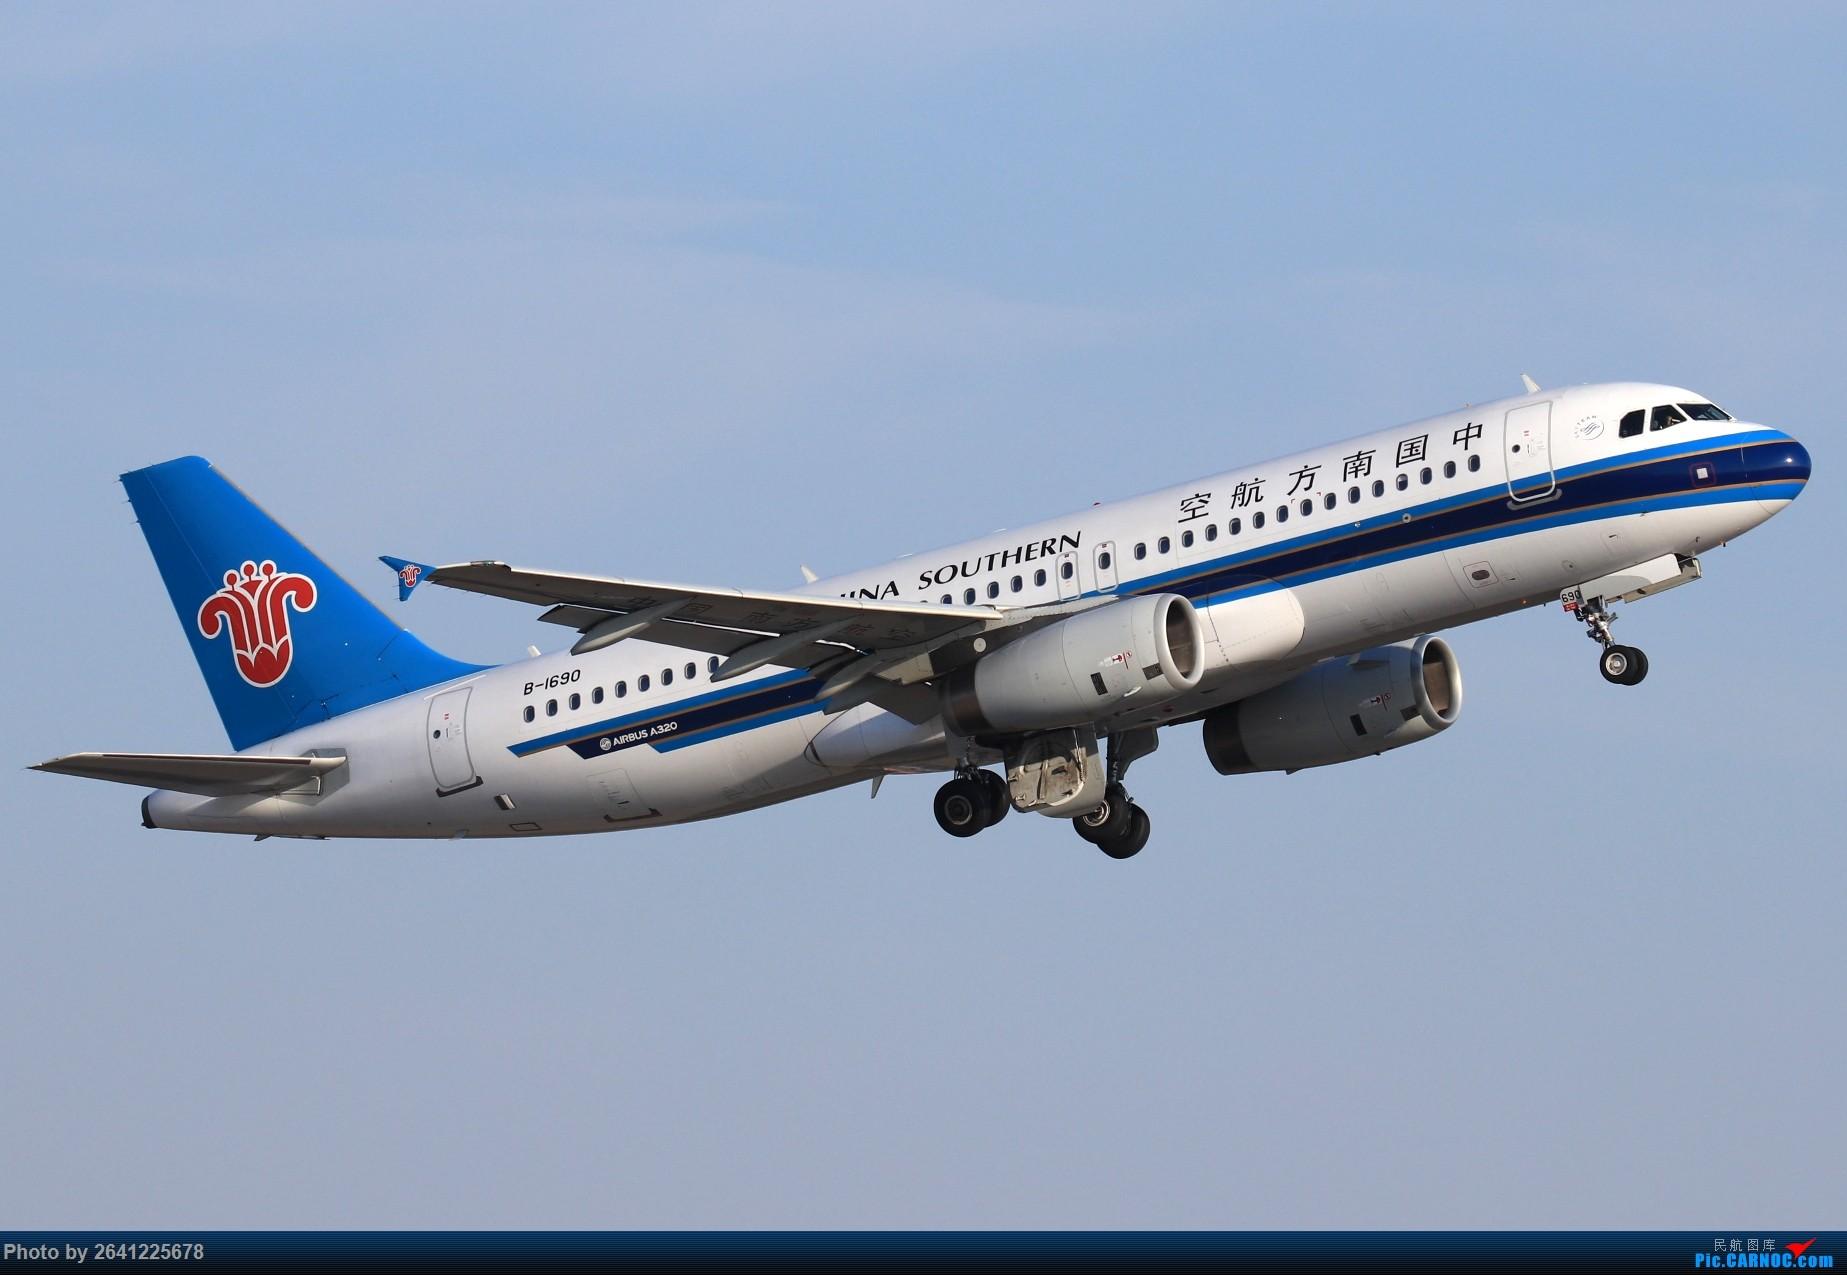 Re:[原创]【小周游记第7集拍机贴】乌鲁木齐绝美的地景和光线 AIRBUS A320-200 B-1690 中国乌鲁木齐地窝堡国际机场